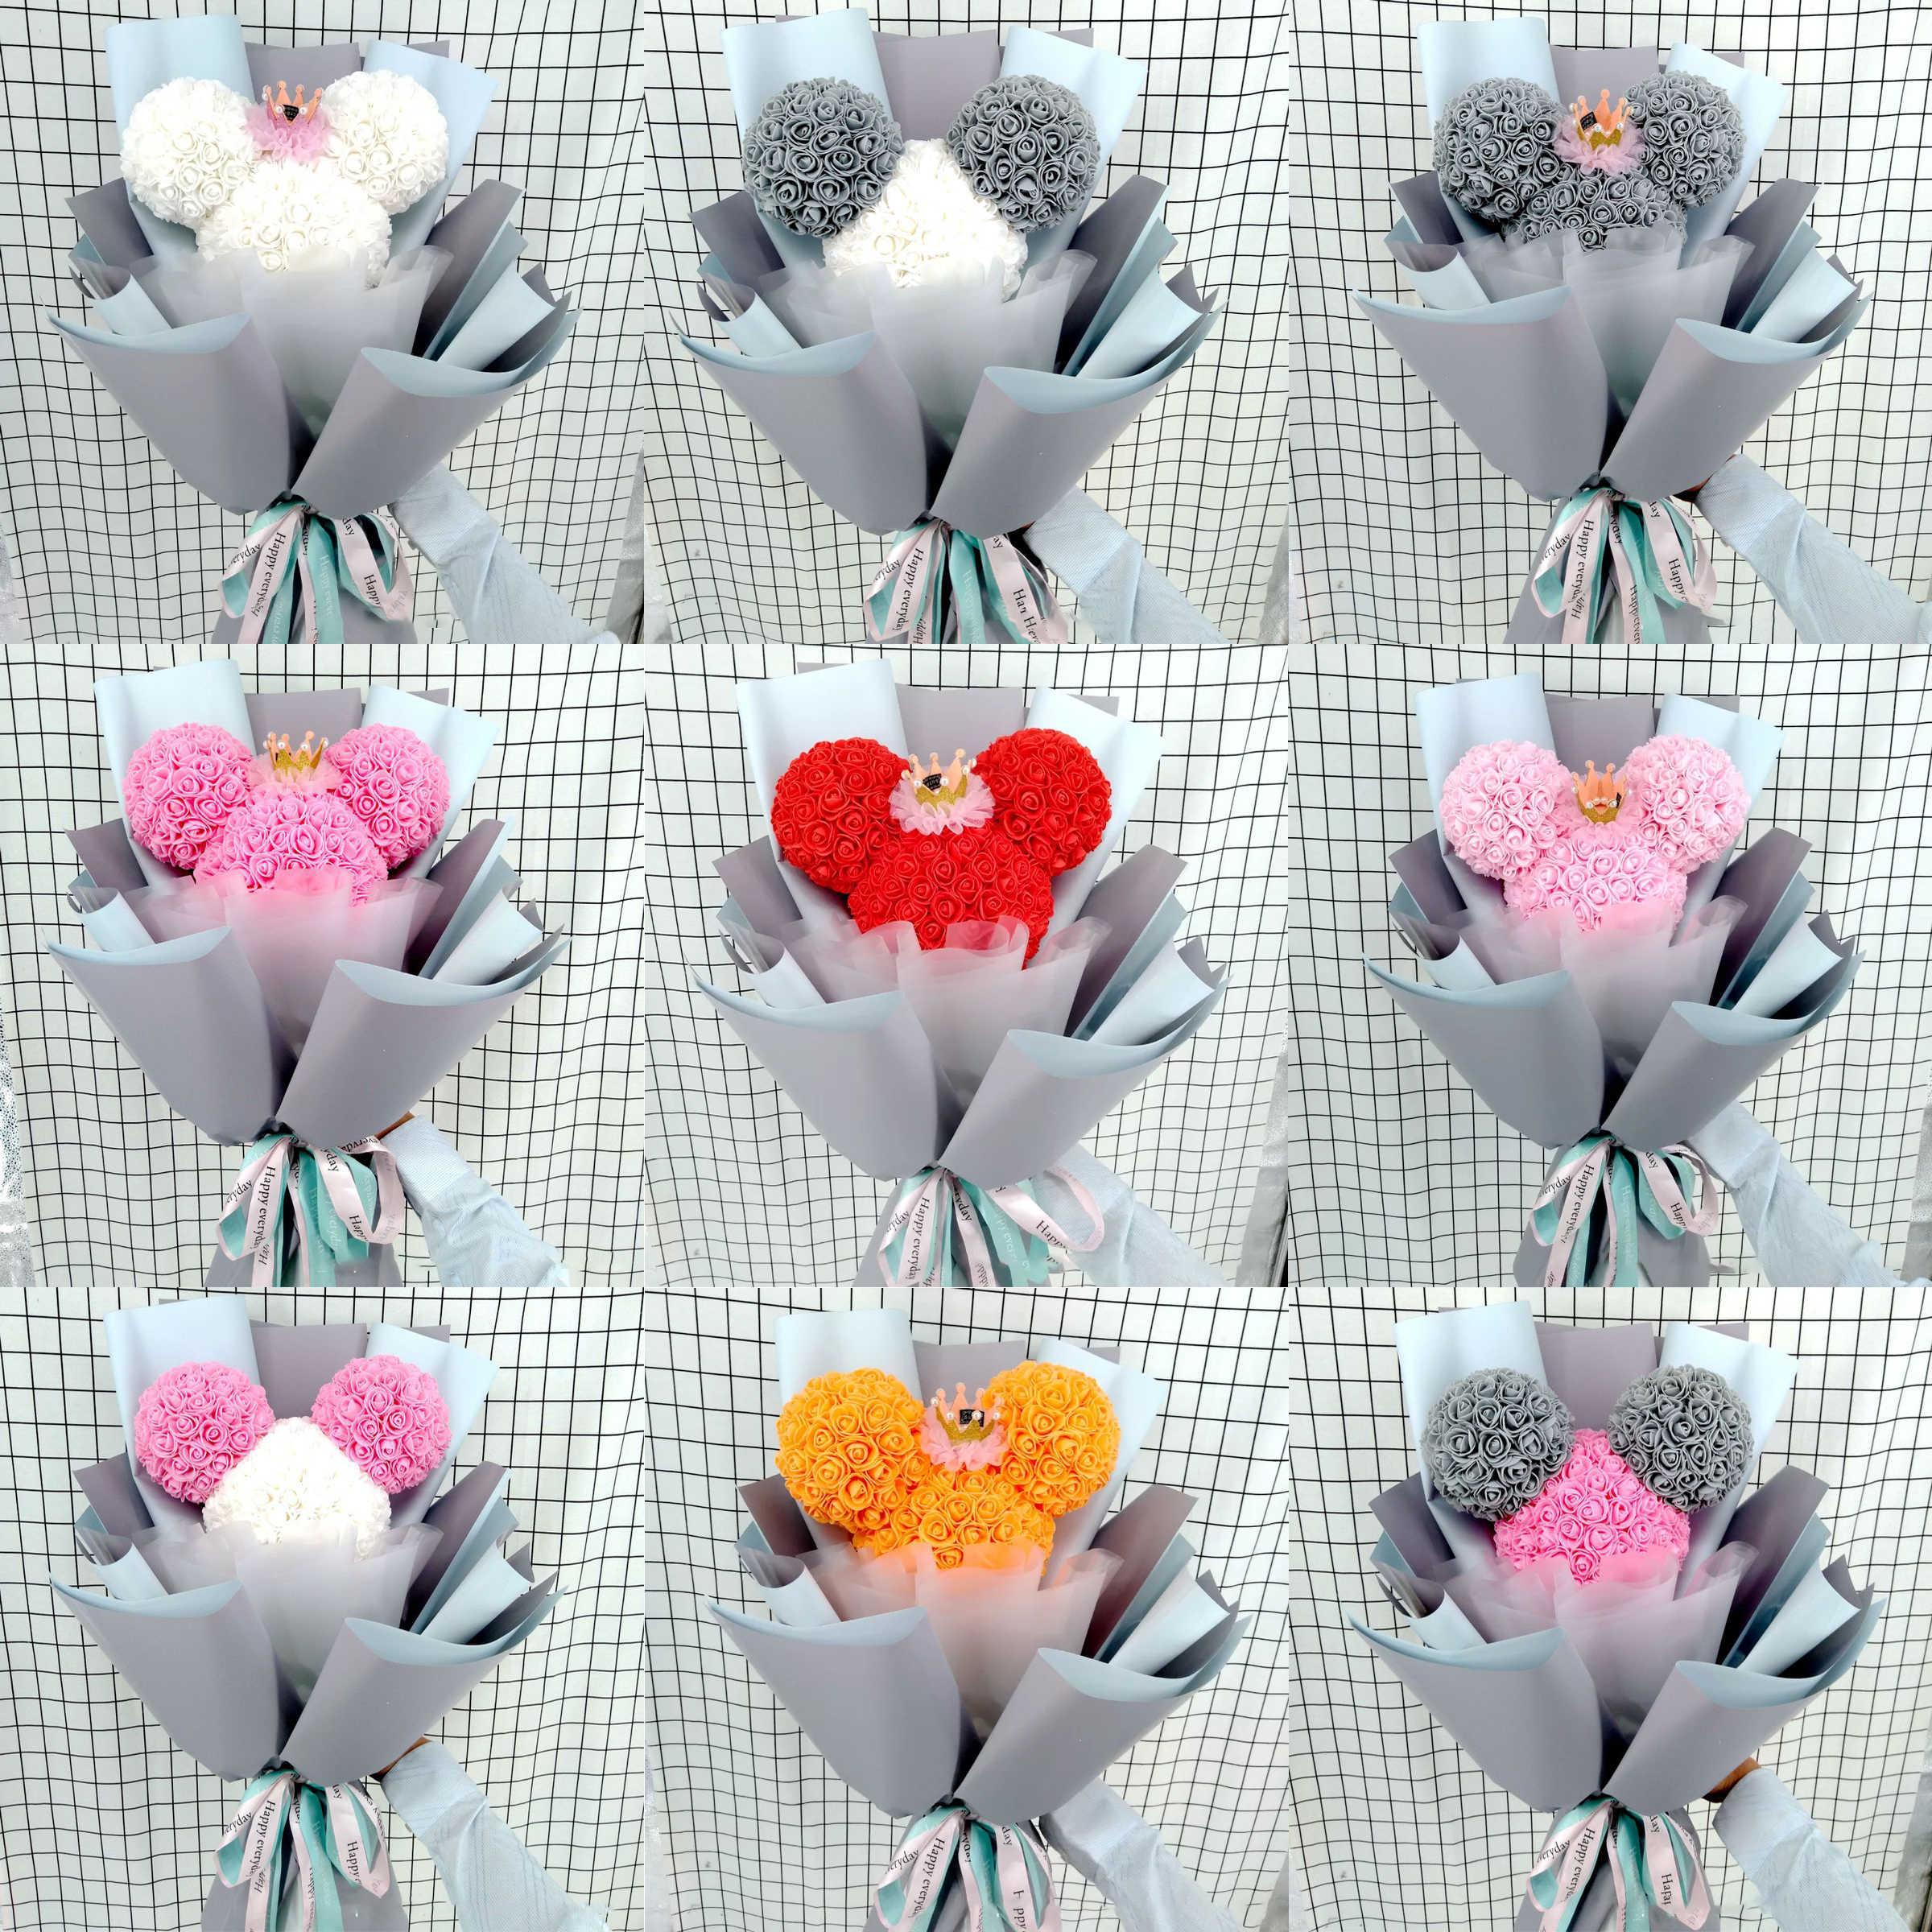 Decoración de boda regalo del Día de San Valentín espuma de poliestireno Oso Blanco Flor de jabón Mickey cabeza para decoración de fiesta DIY